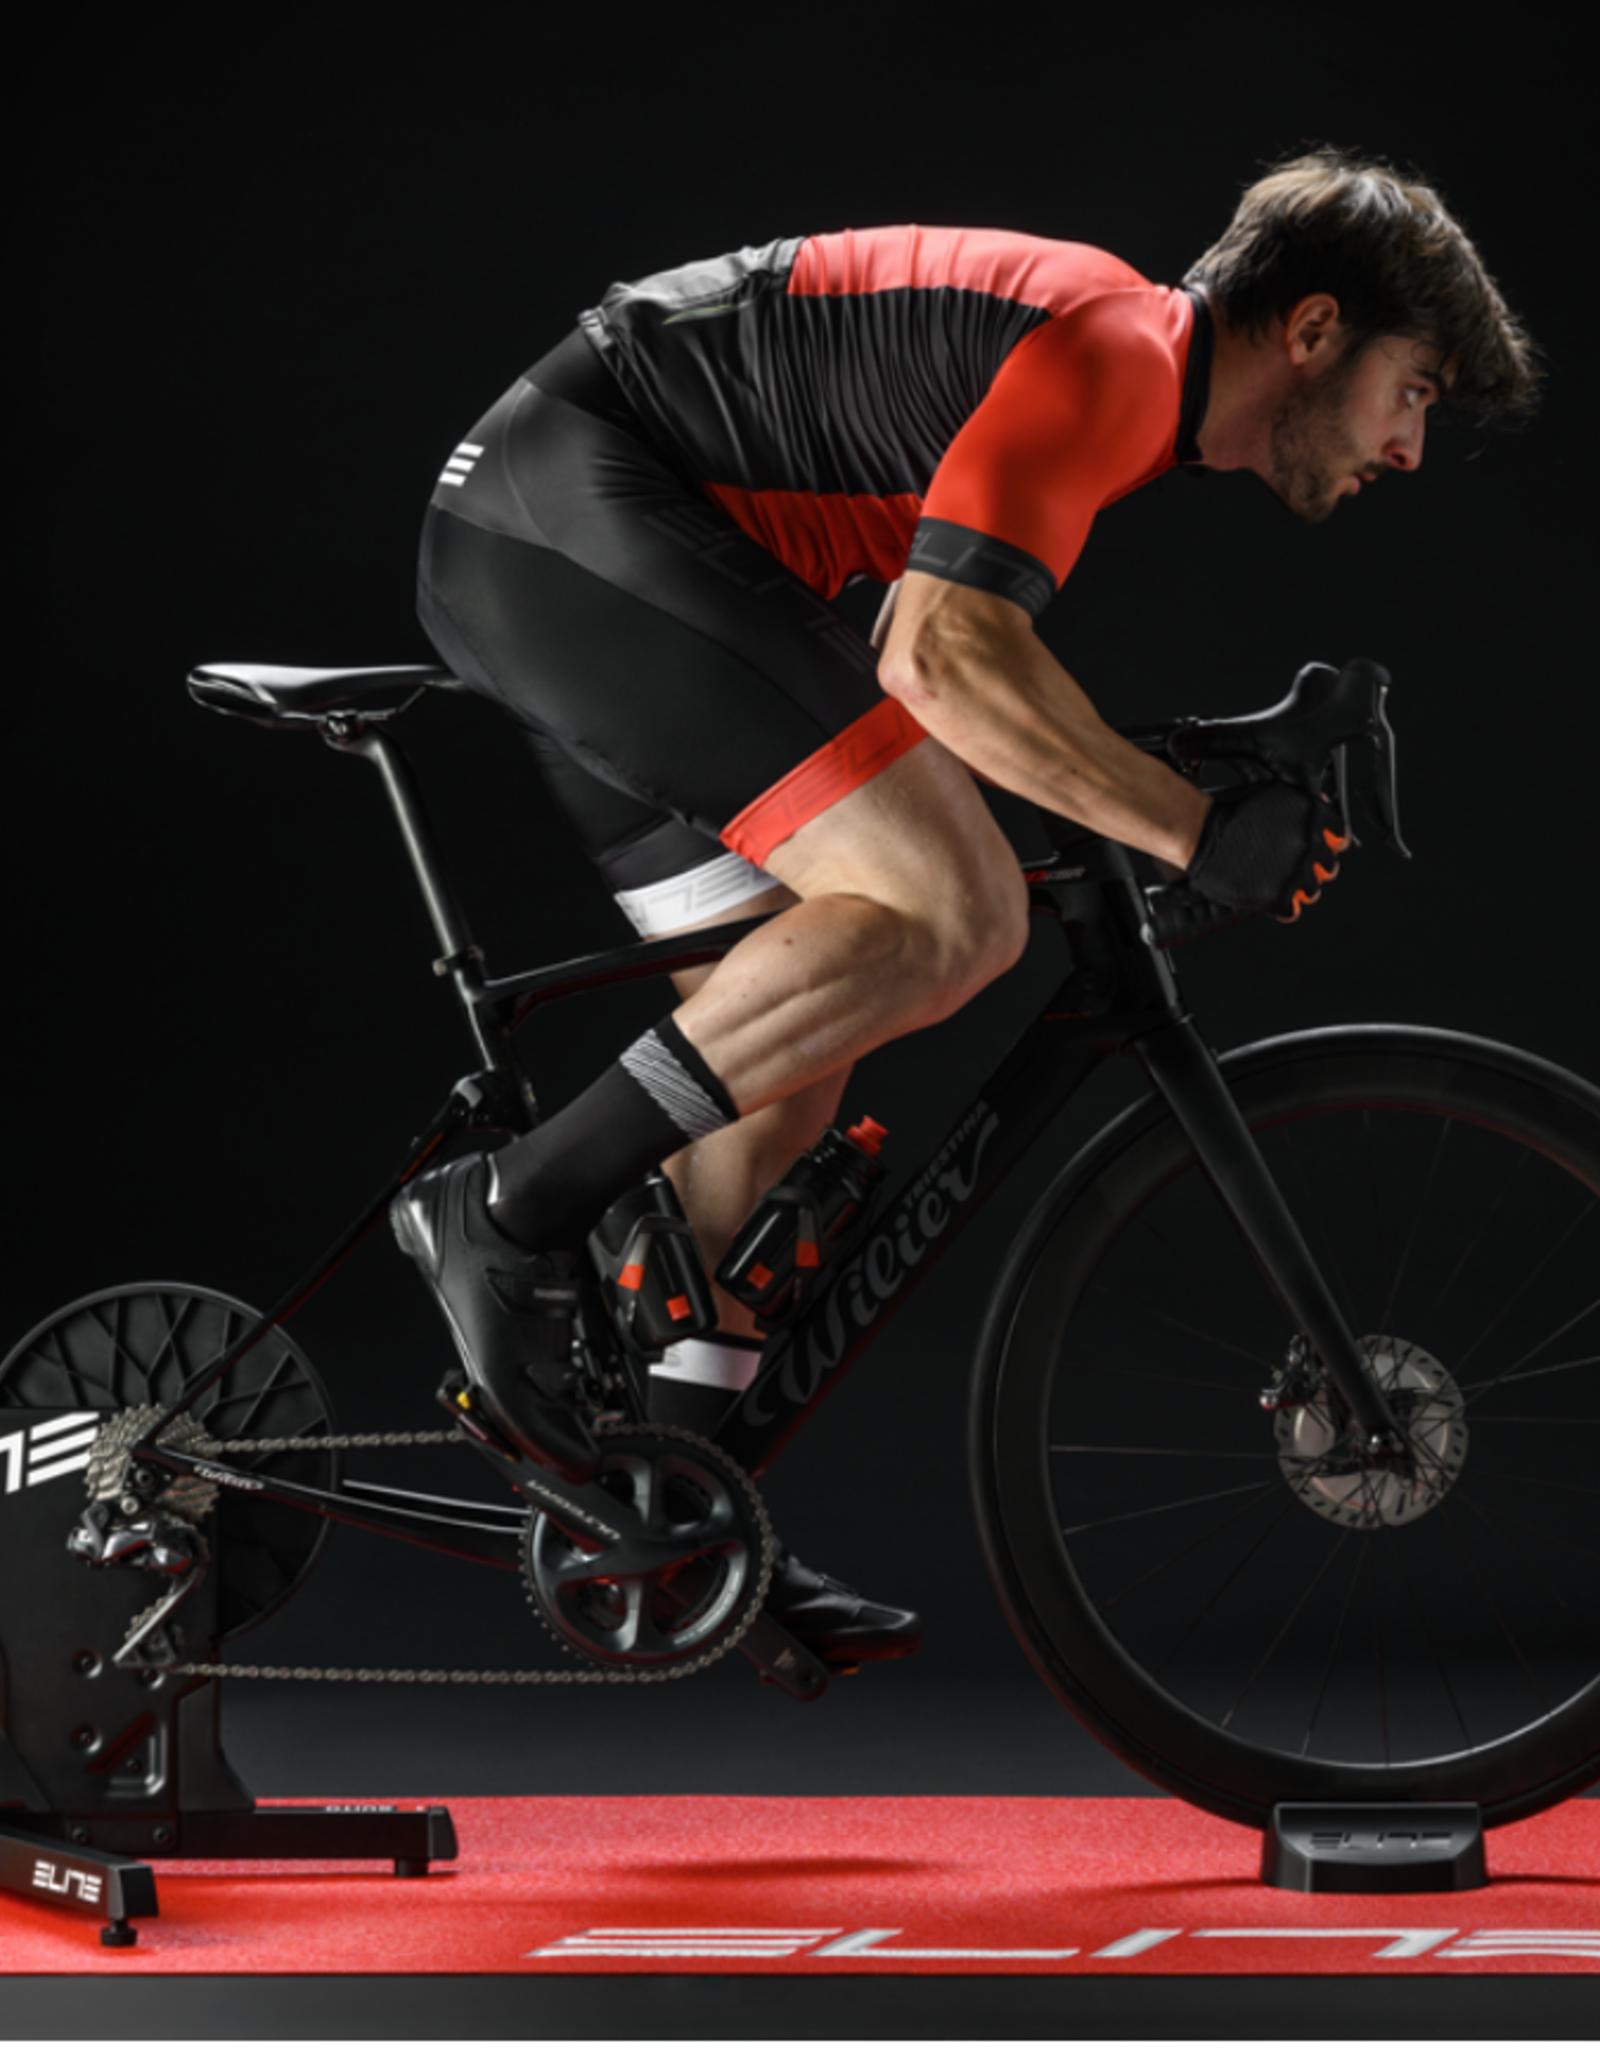 Velohana Velohana Cycling & Strength Training Monthly Subscription